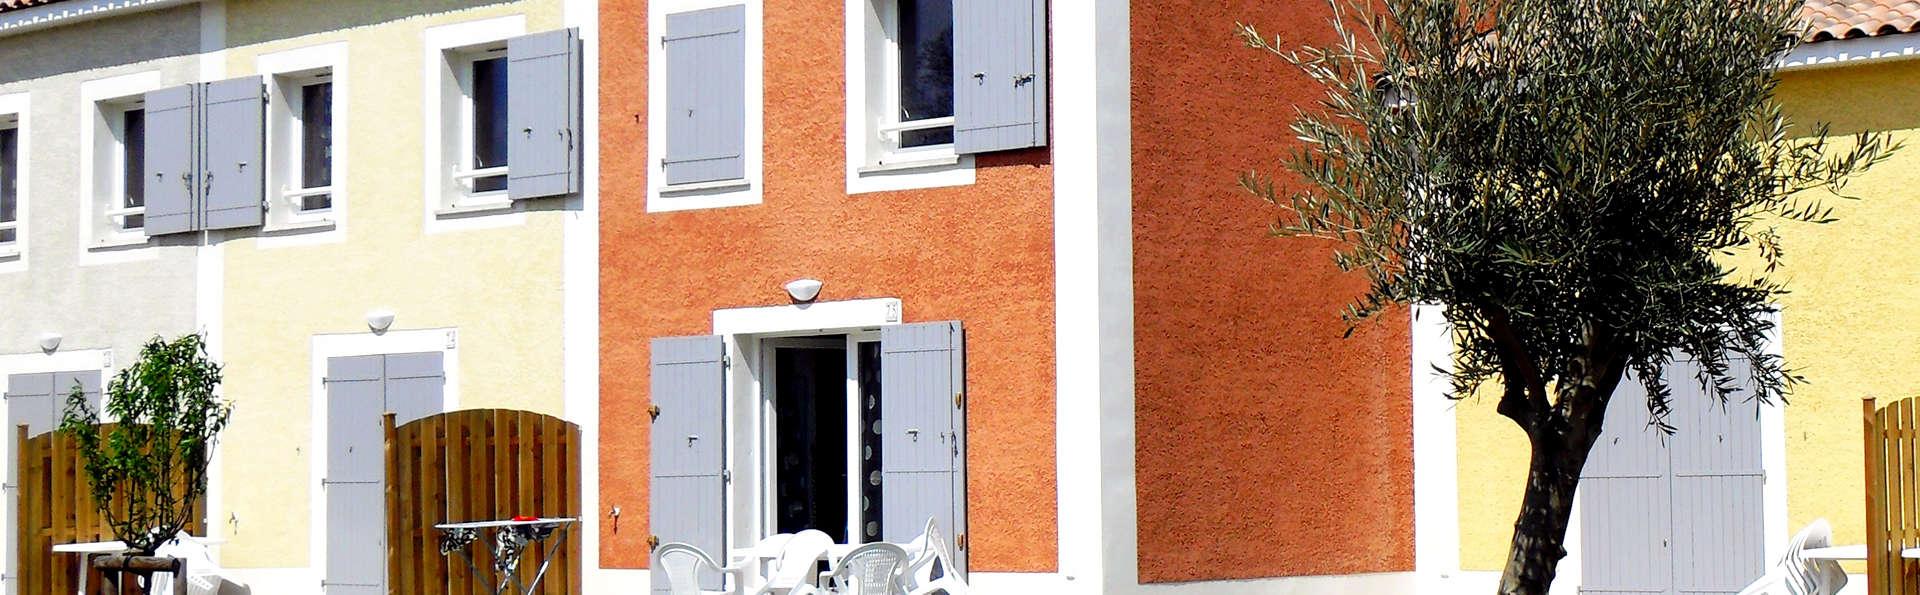 Maison individuelle sur les rives du Canal du Midi, à Colombiers